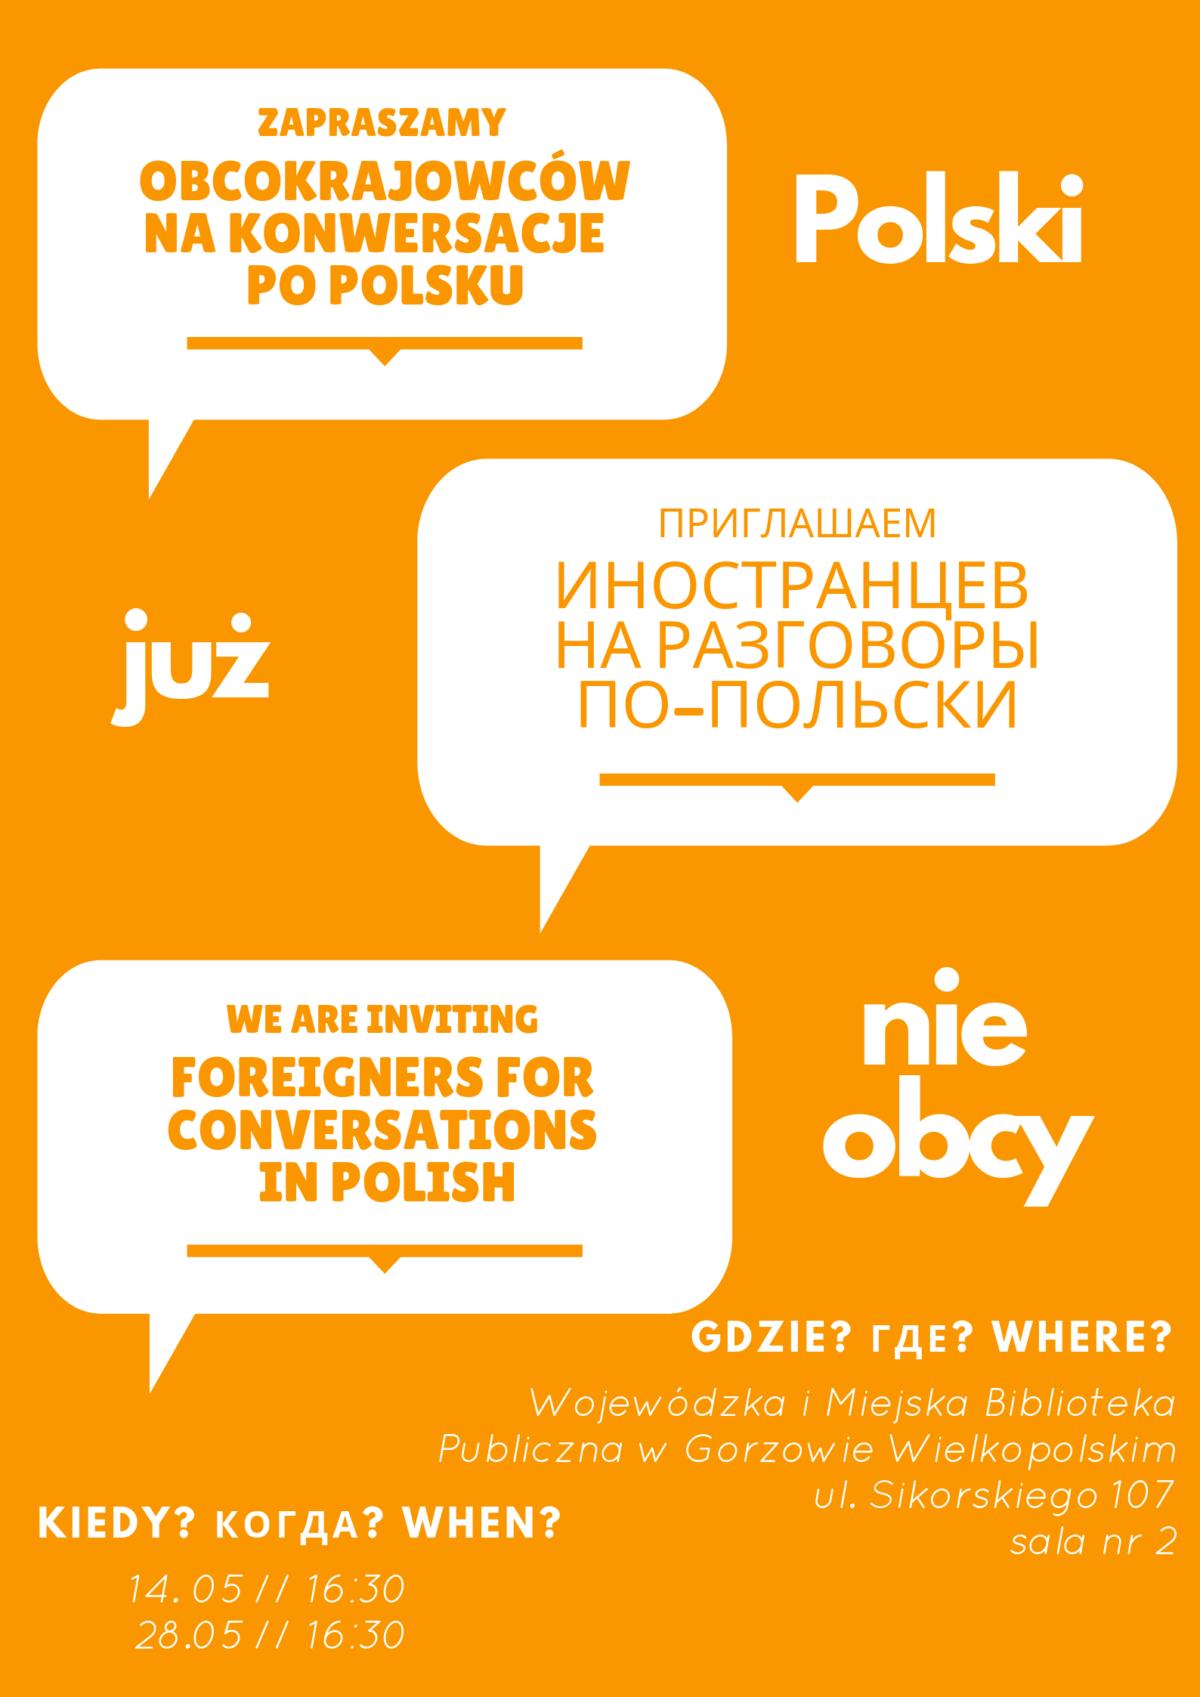 Zapraszamy obcokrajowców na konwersacje po polsku!